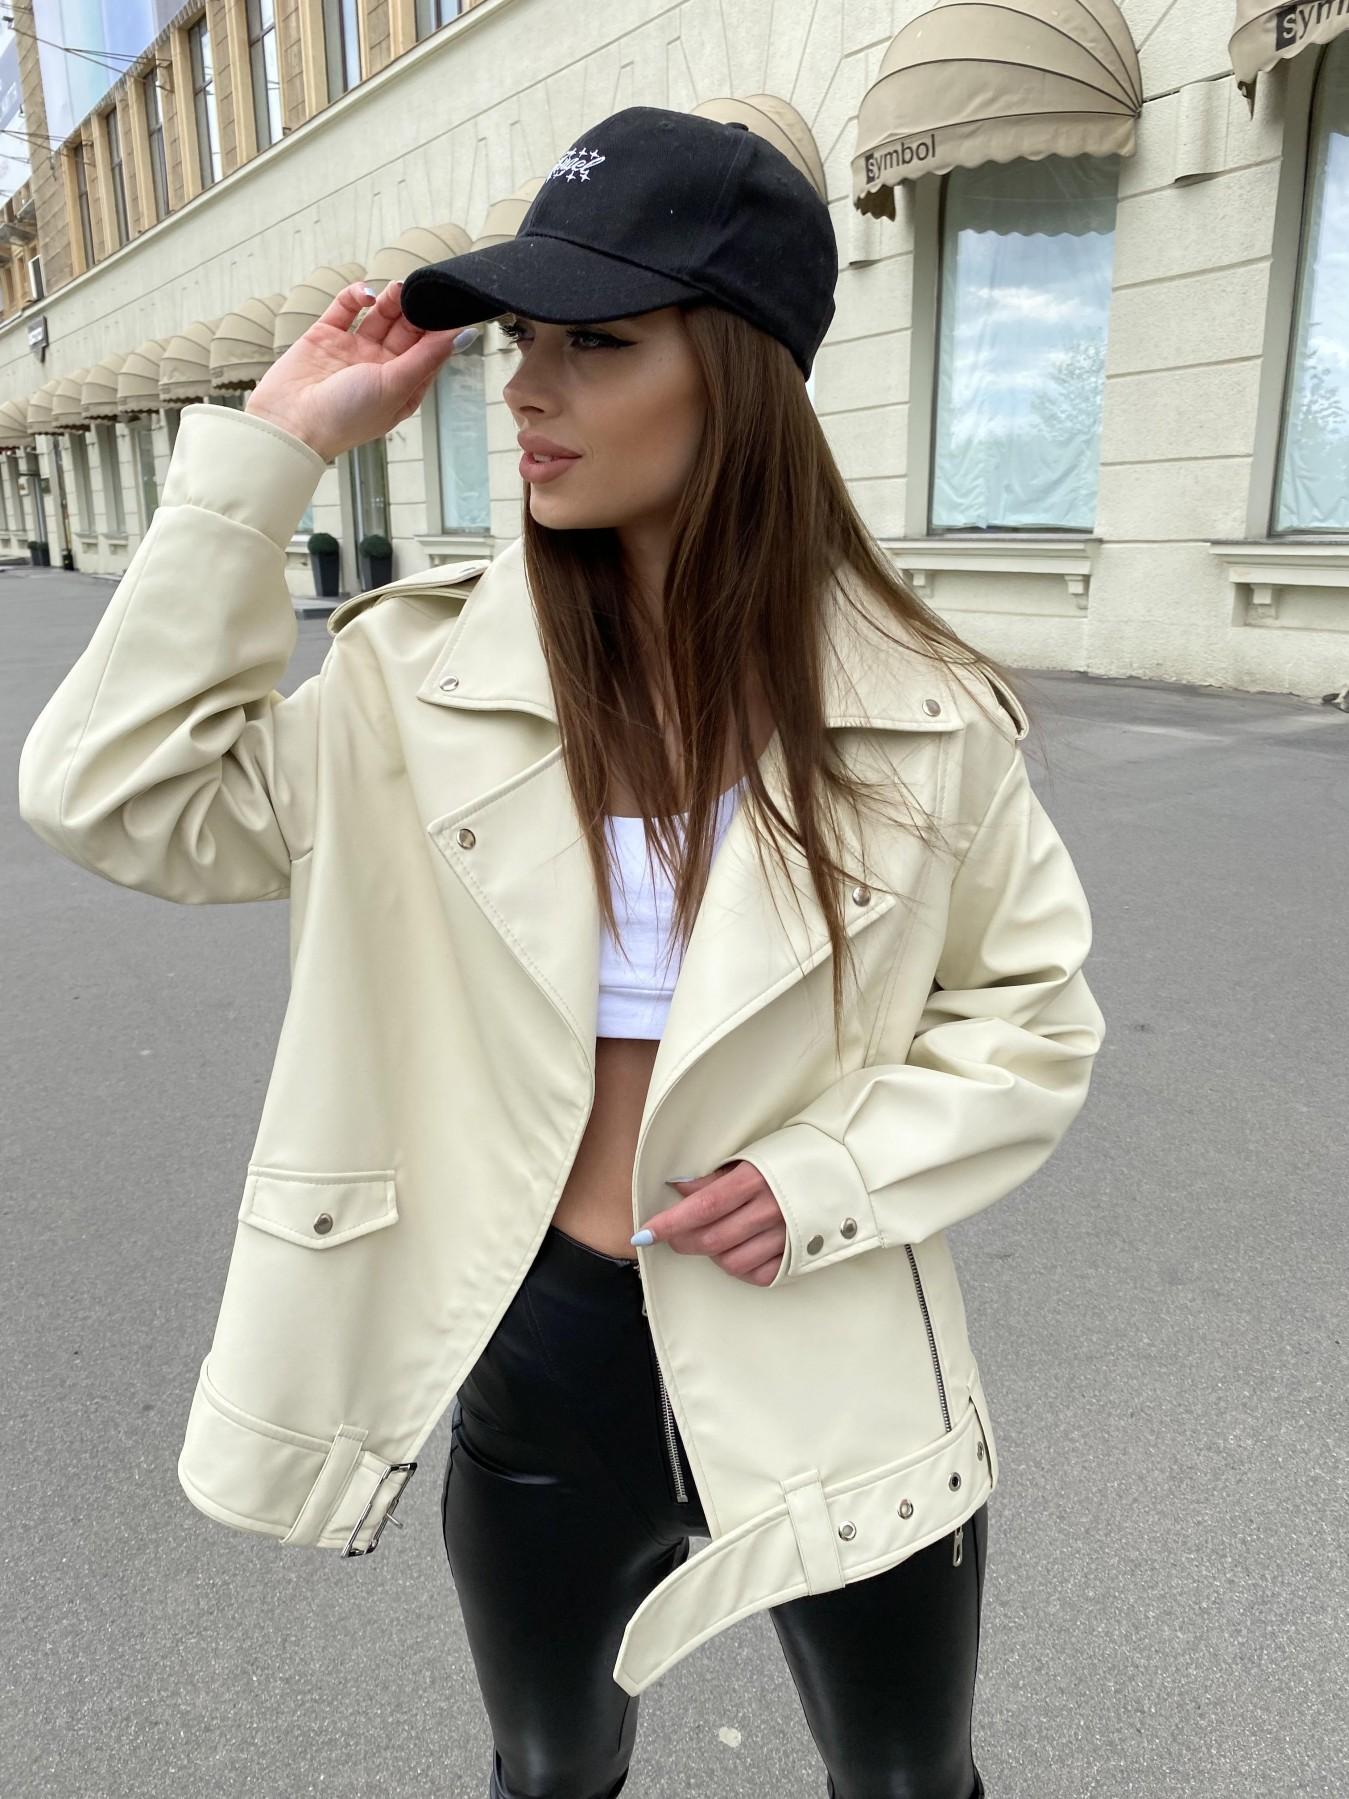 Фора куртка из экокожи прокатанная 11204 АРТ. 47783 Цвет: Бежевый Светлый - фото 1, интернет магазин tm-modus.ru